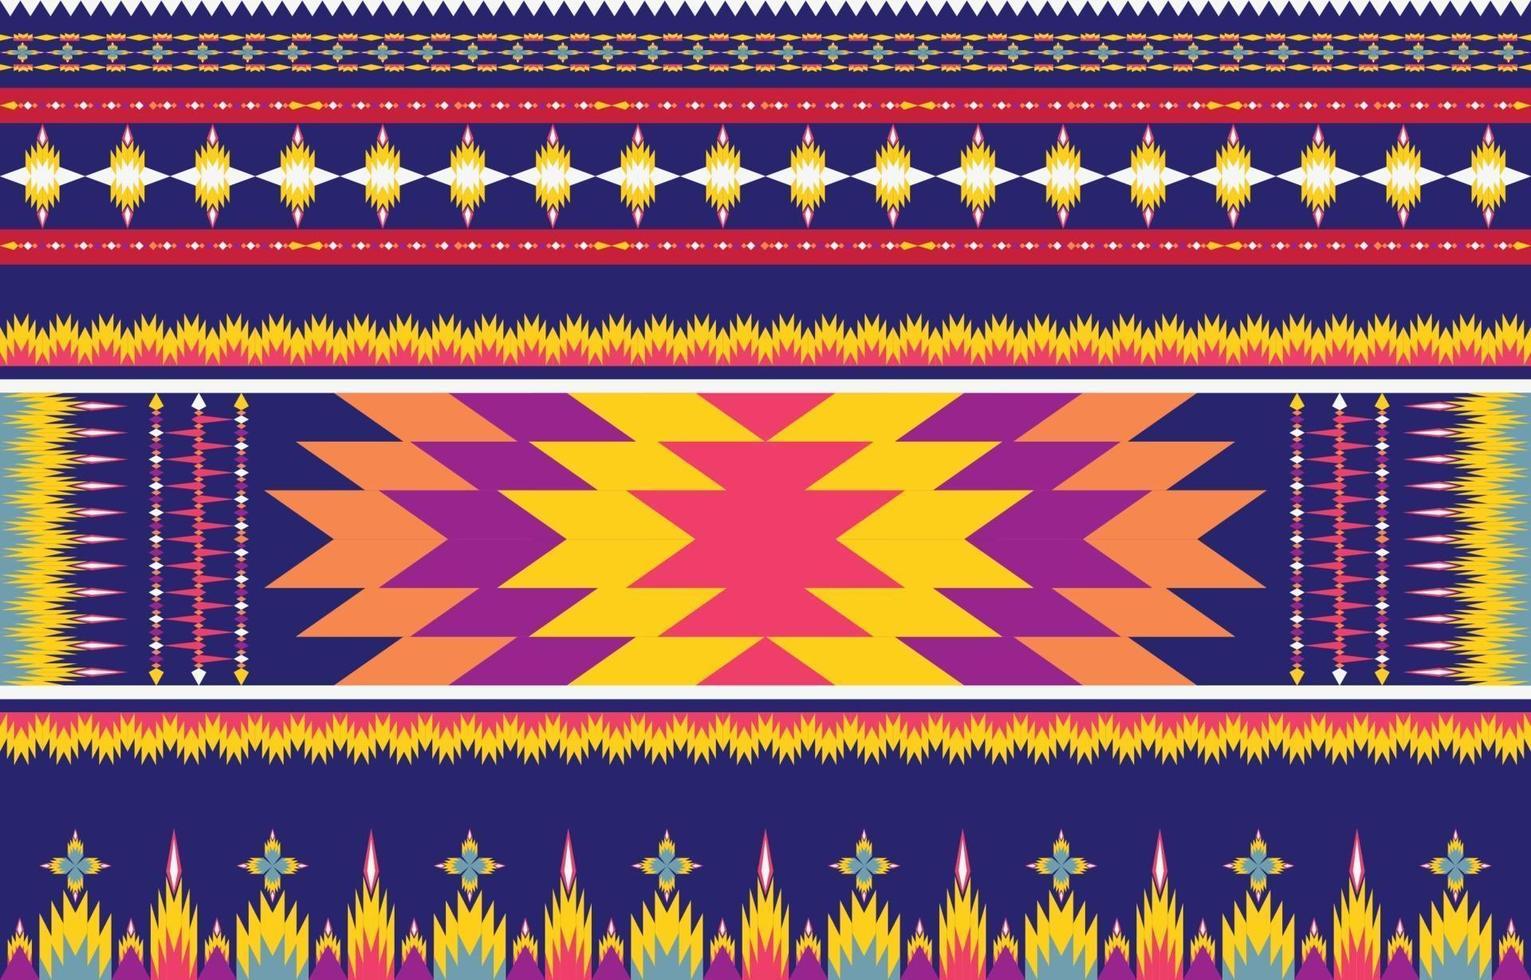 Diseño tradicional de patrón étnico geométrico étnico abstracto para un fondo vector